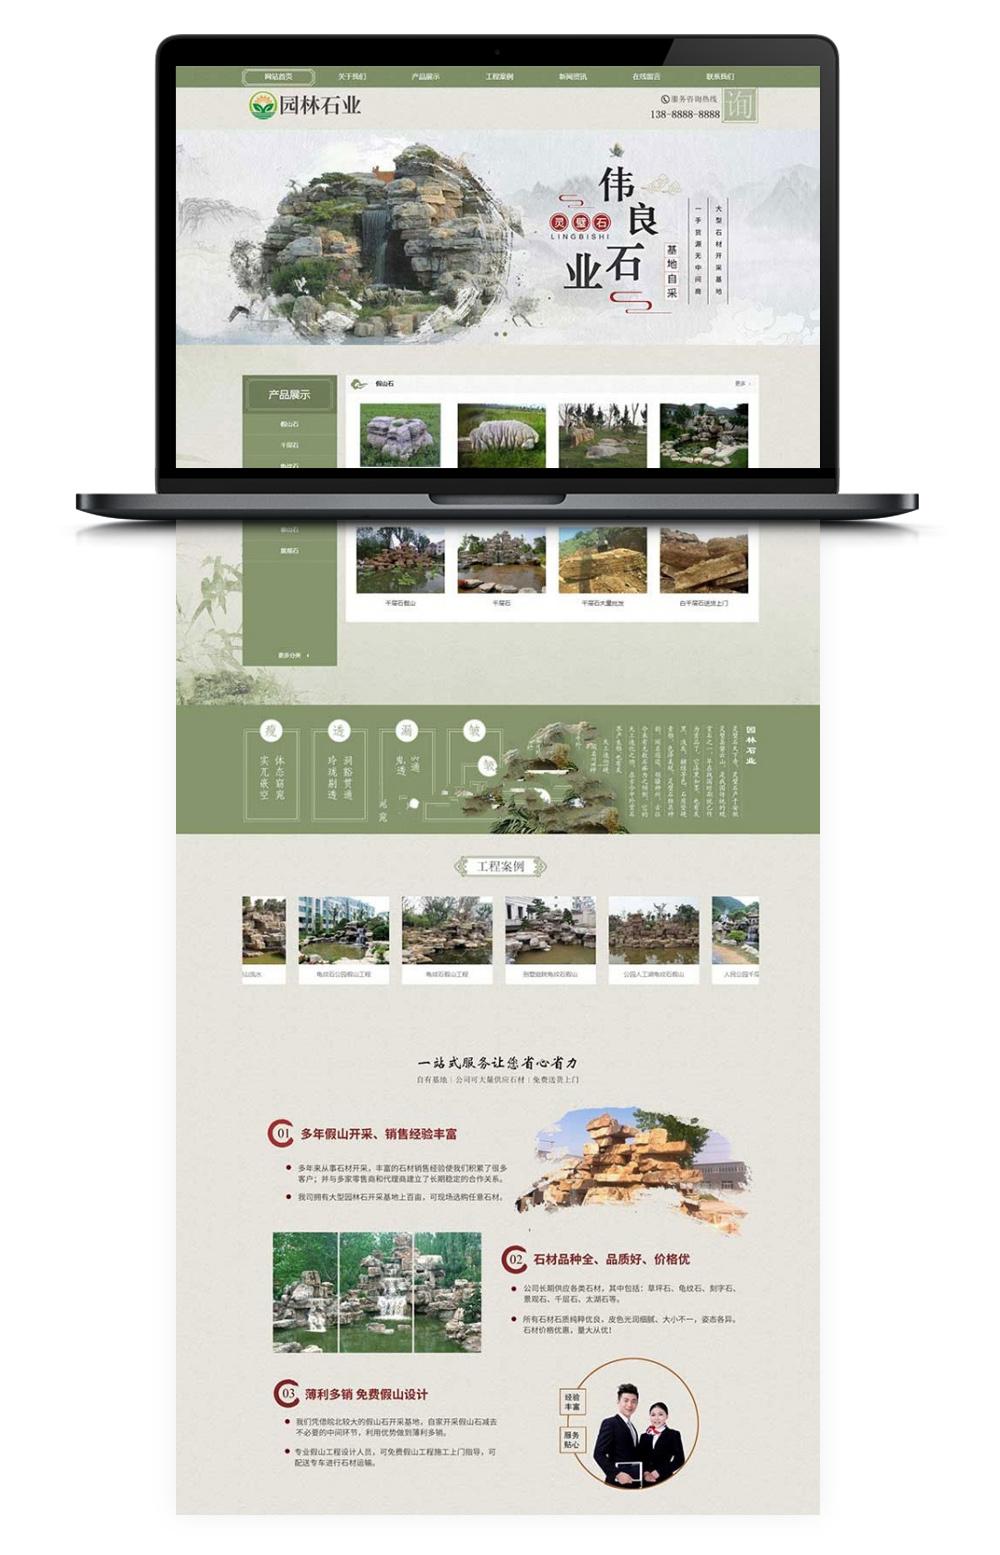 DEDECMS织梦古典中国风园林石业公司网站模板自适应手机端-找主题源码